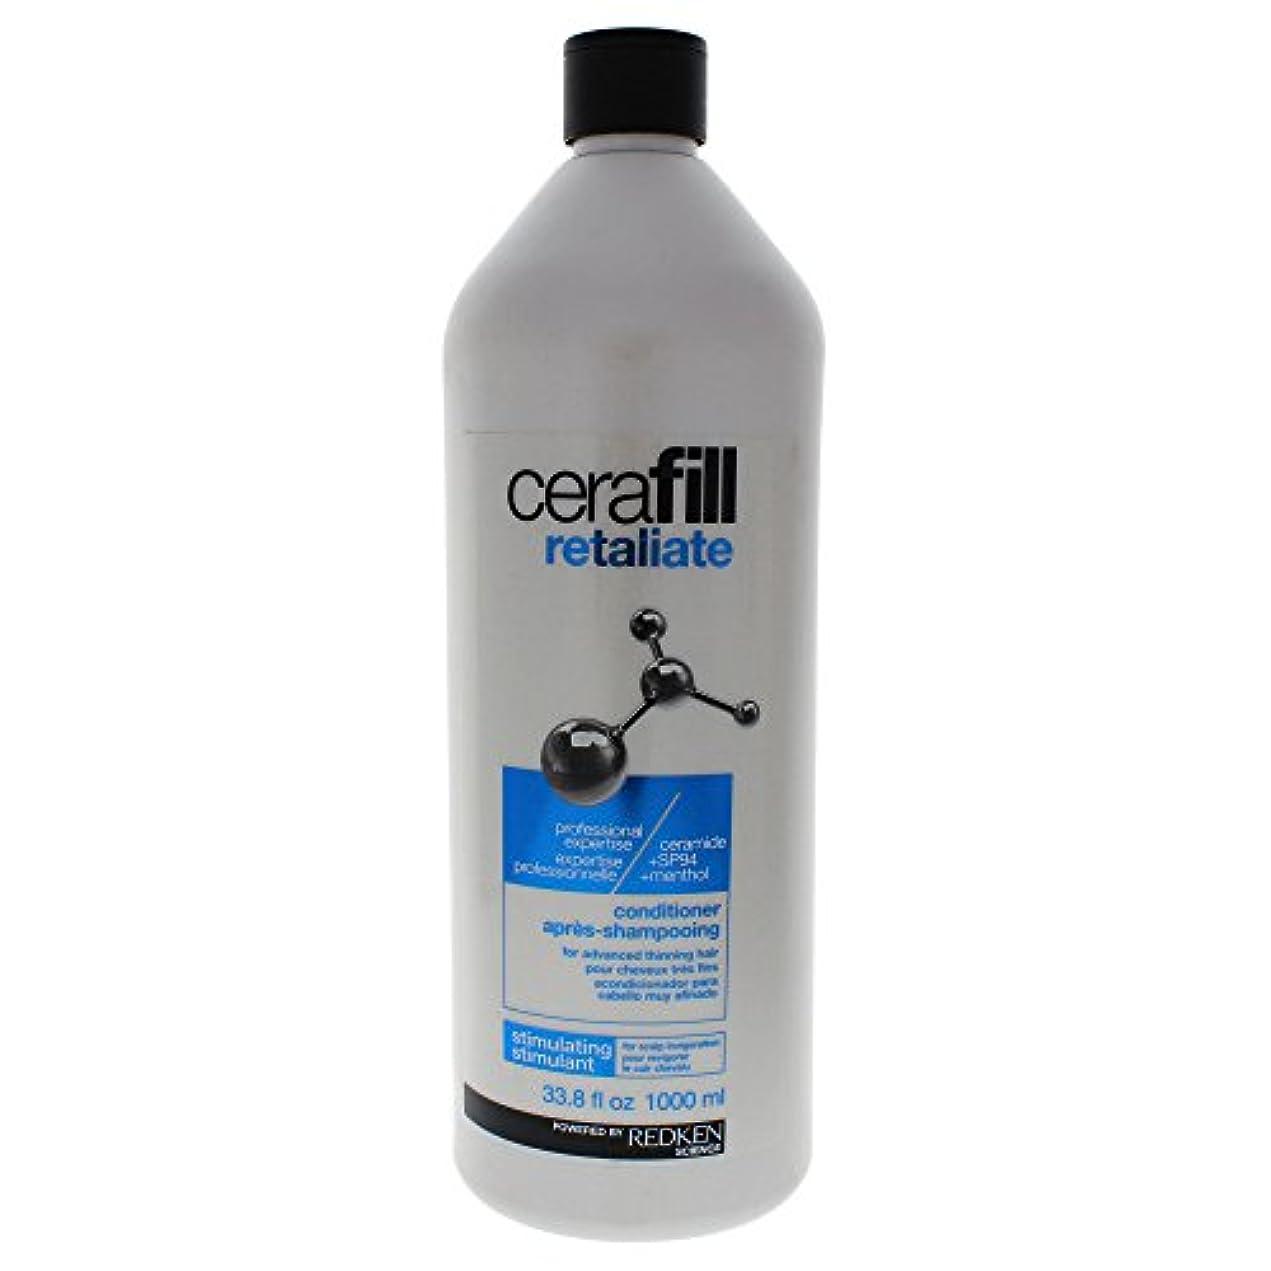 夕方護衛雨のレッドケン Cerafill Retaliate Stimulating Conditioner (For Advanced Thinning Hair) 1000ml